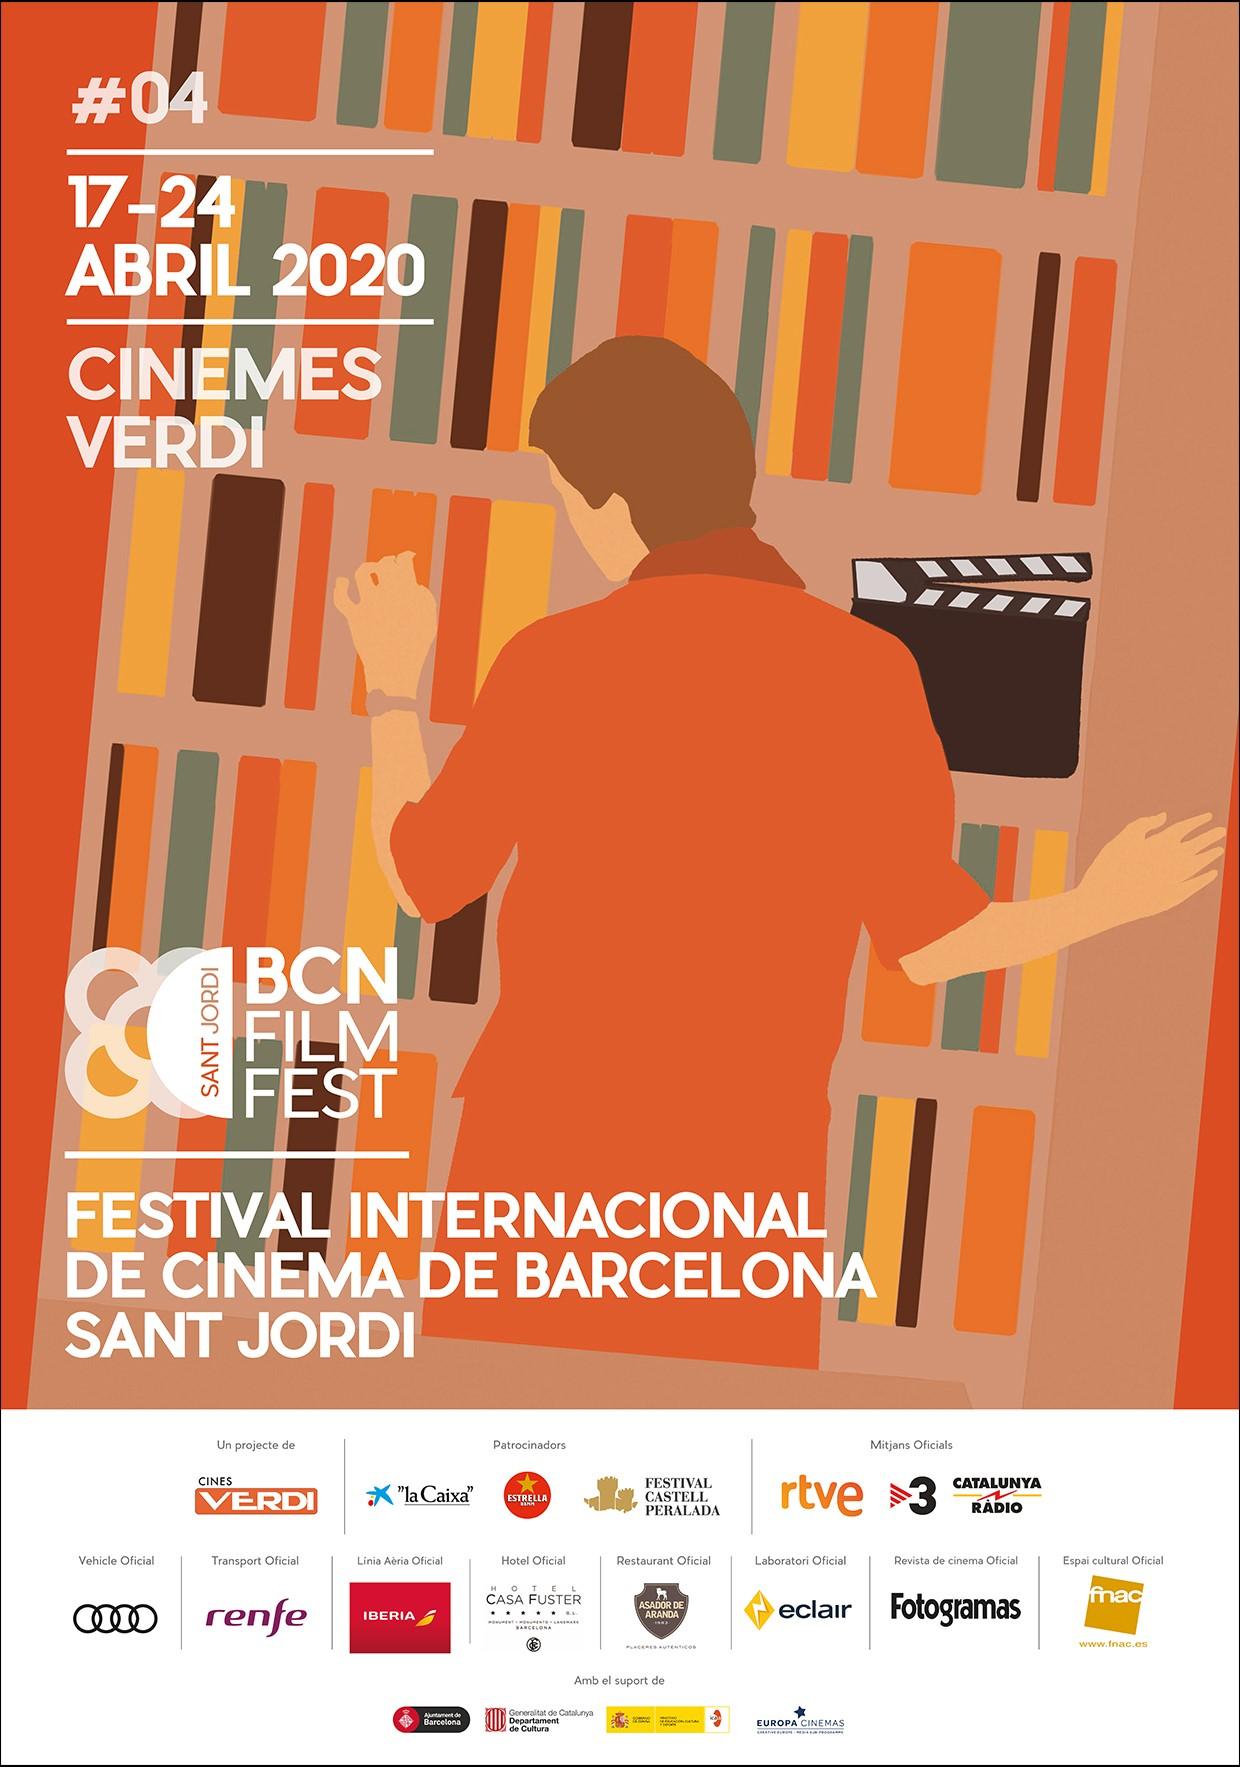 El BCN Film Fest 2020 presenta su cartel